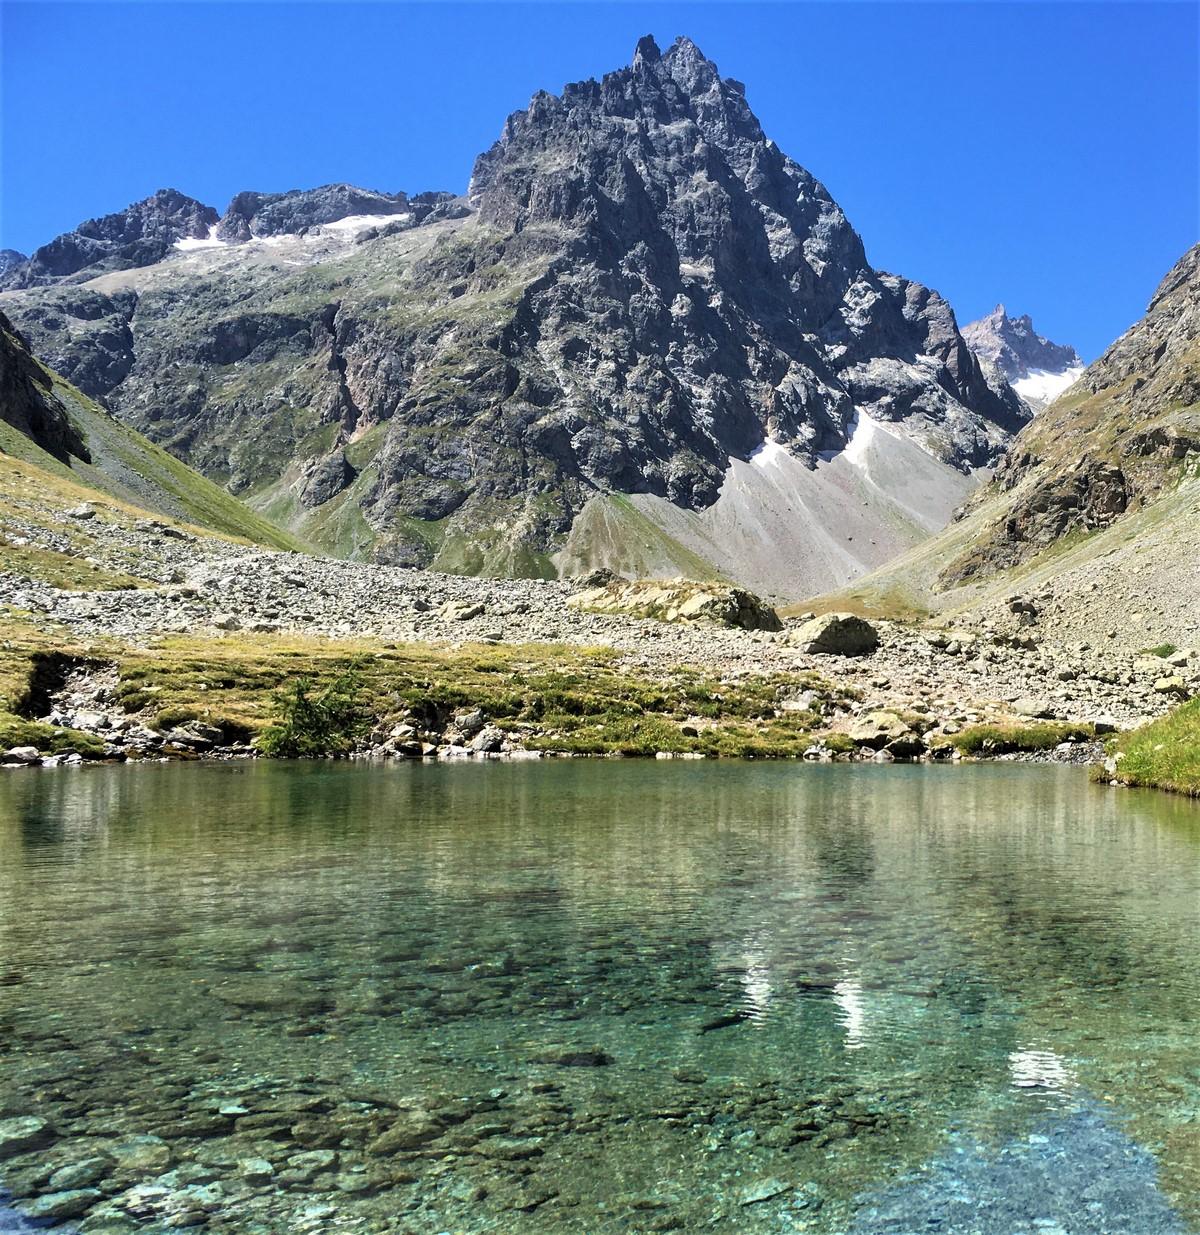 Lac les Ecrins